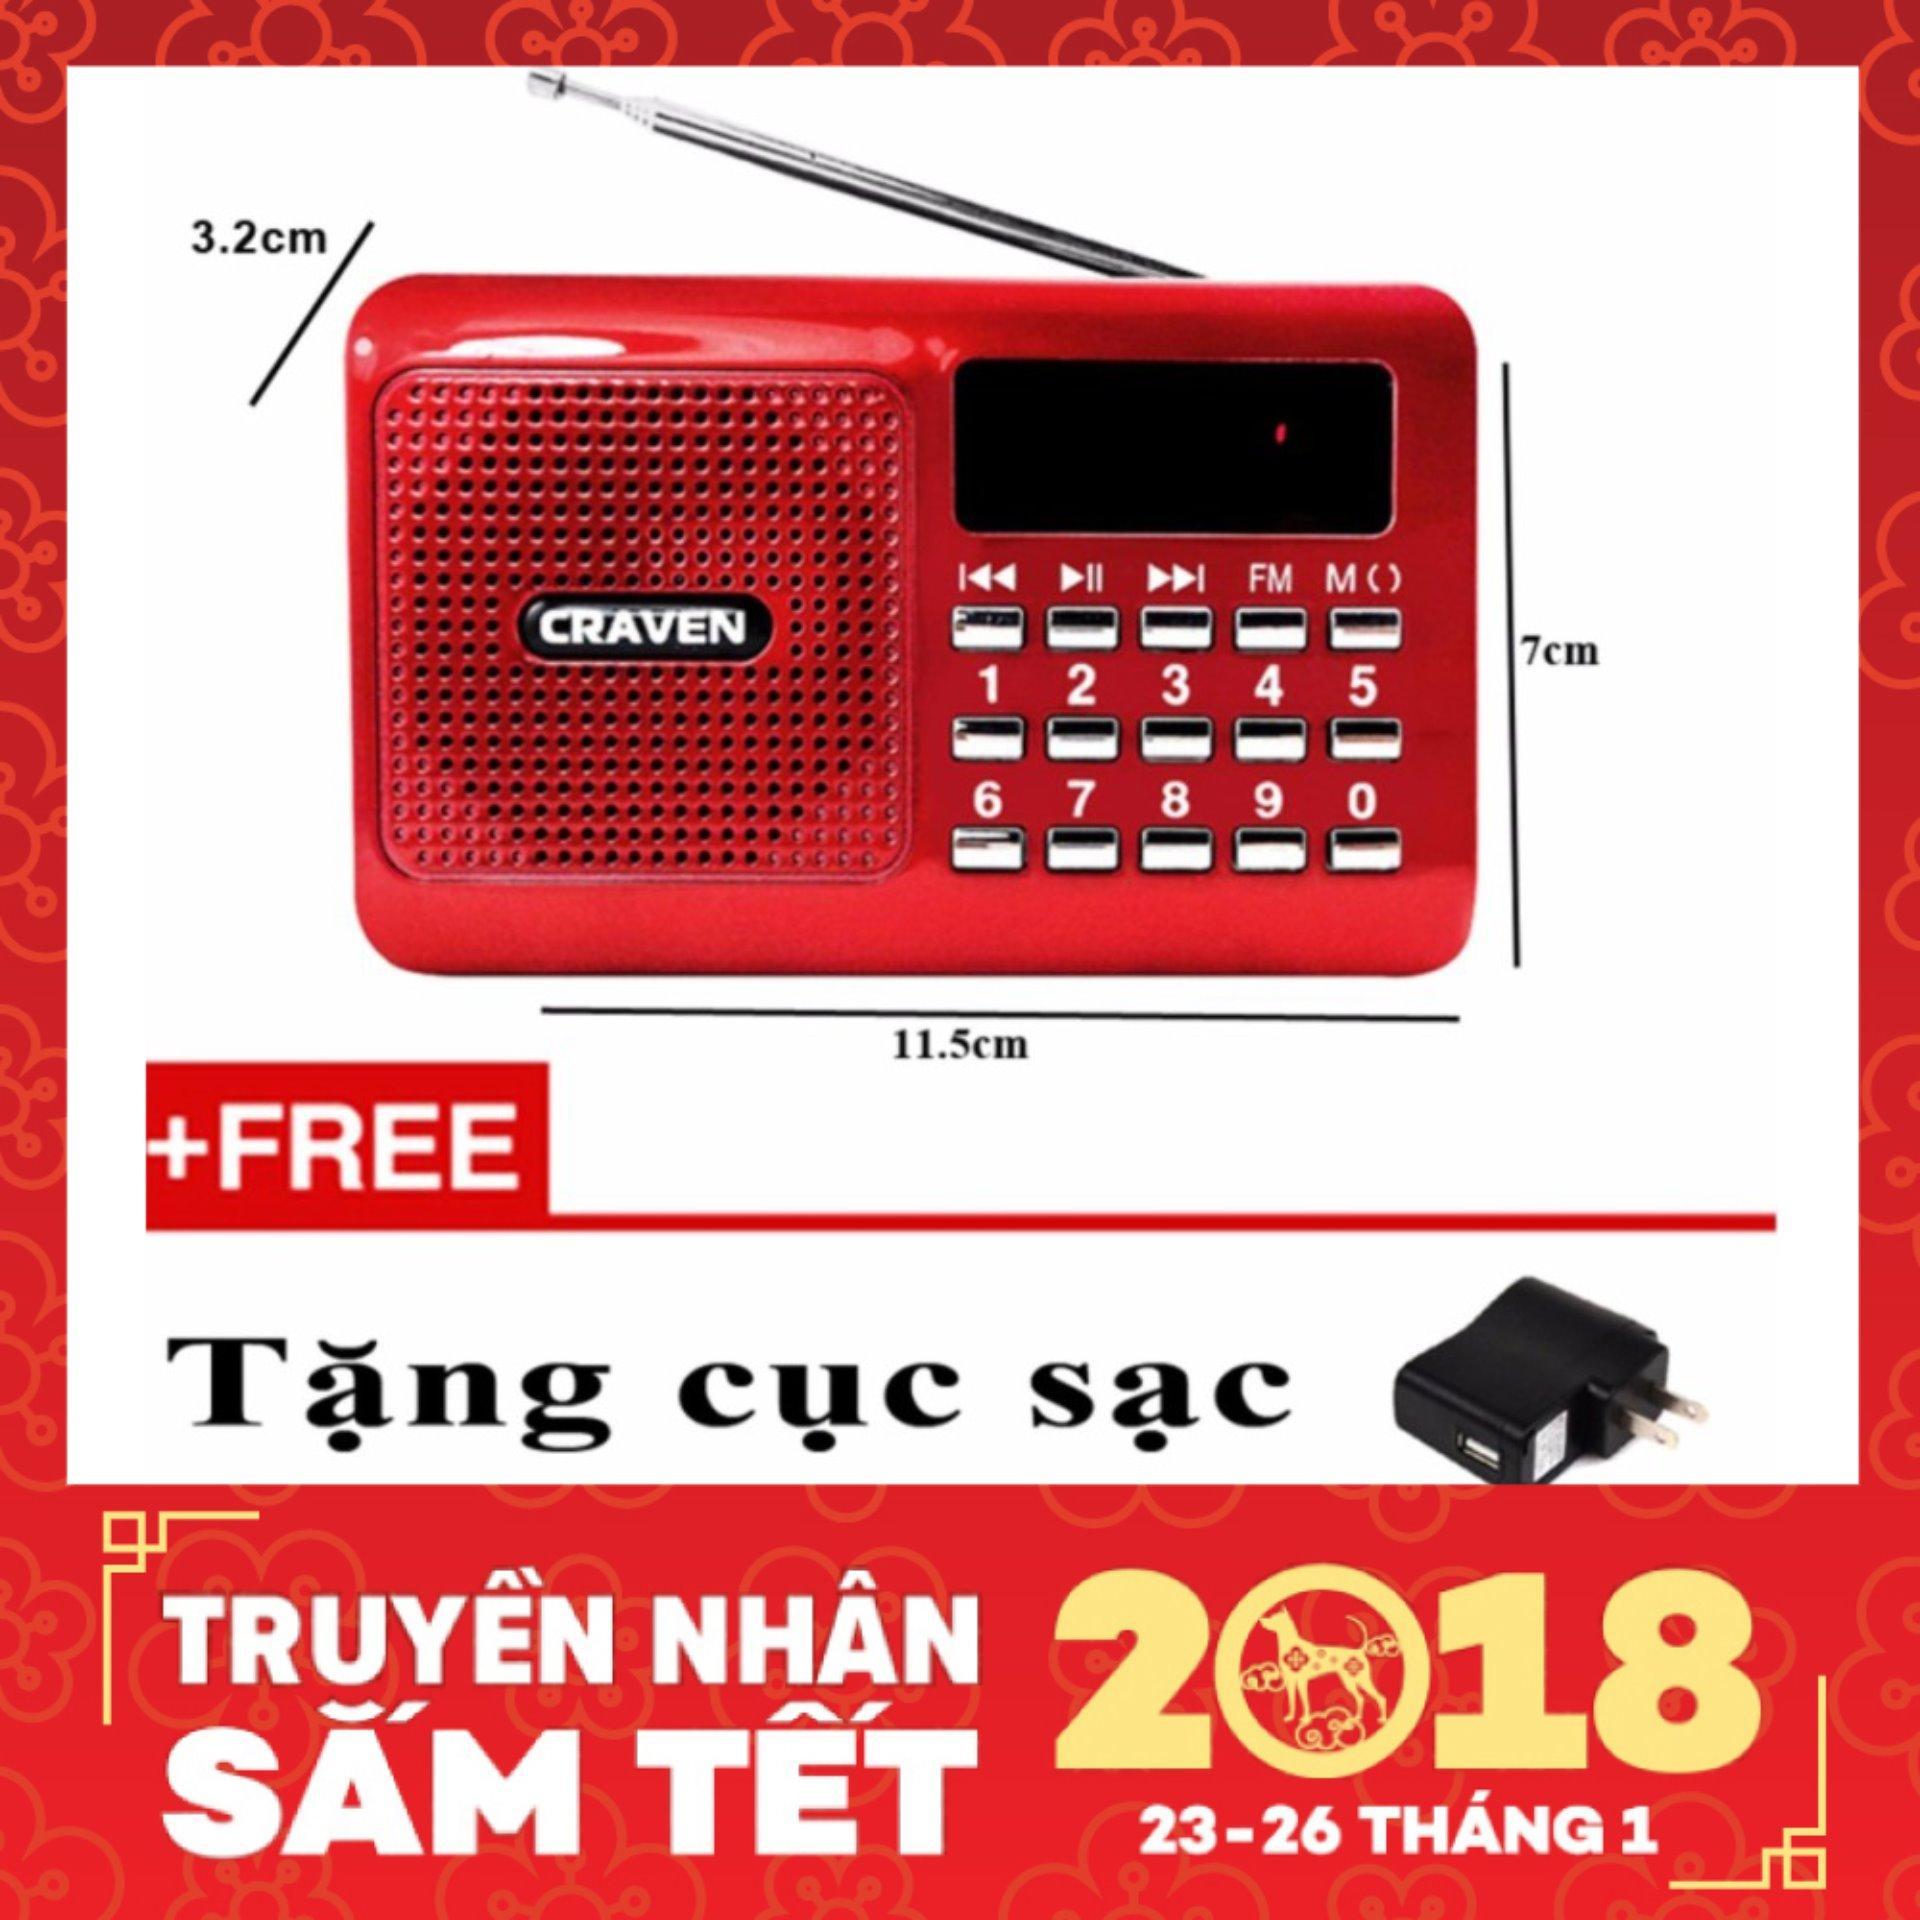 Máy nghe nhạc Thẻ nhớ, USB, FM – Craven CR-16 (Đỏ)